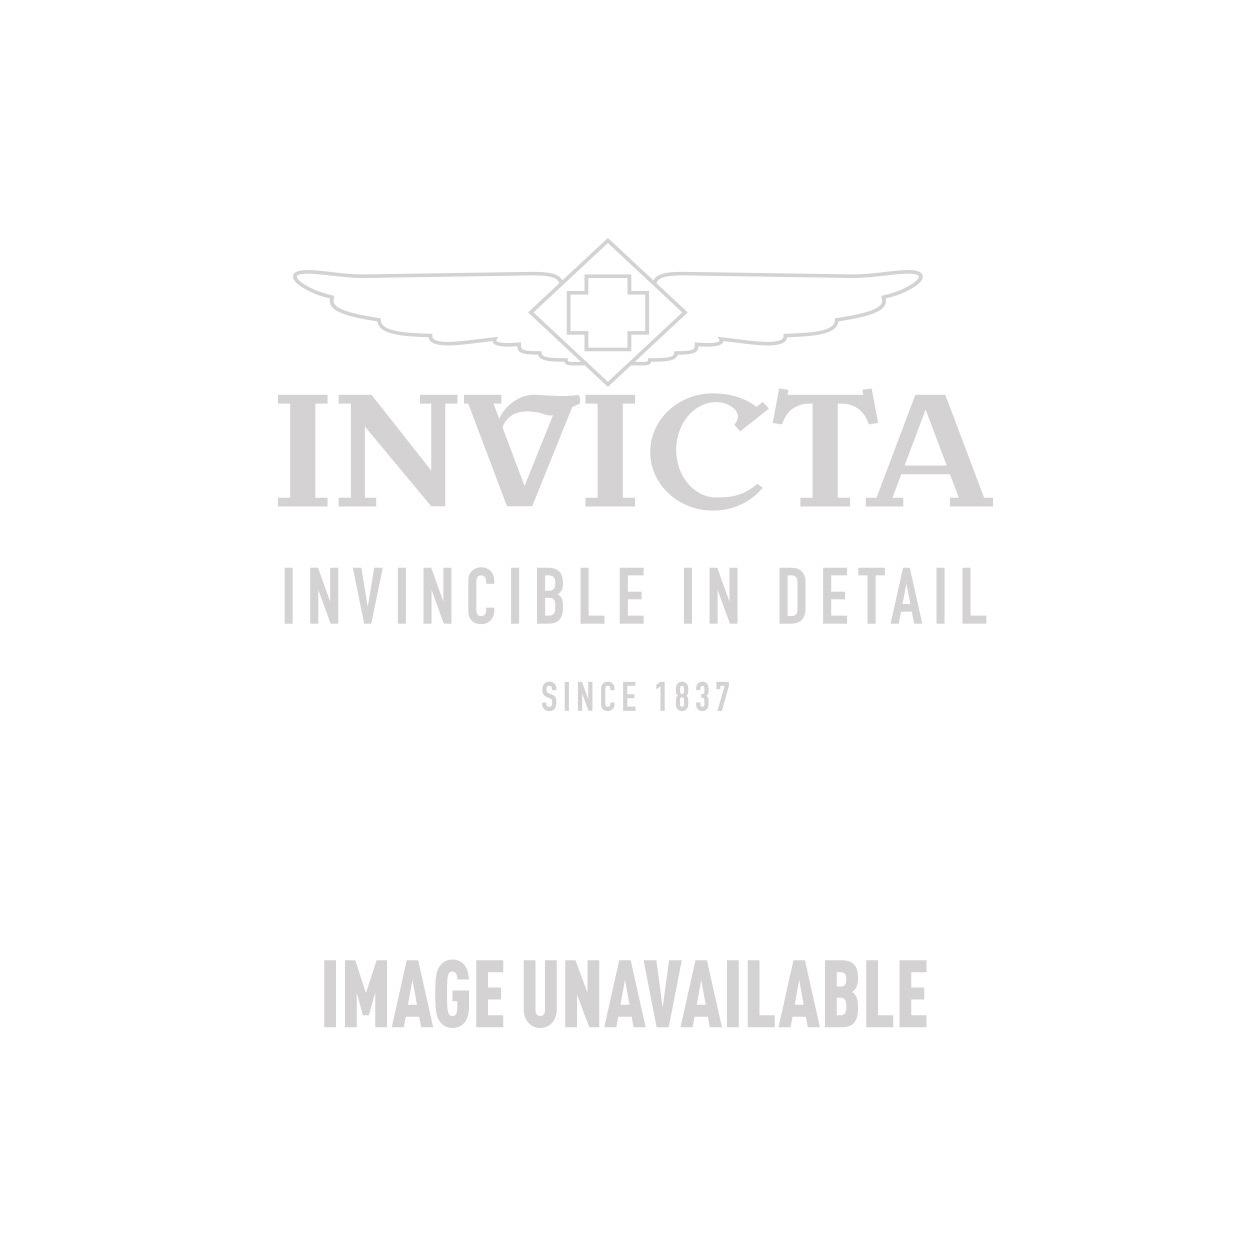 Invicta Model 28227